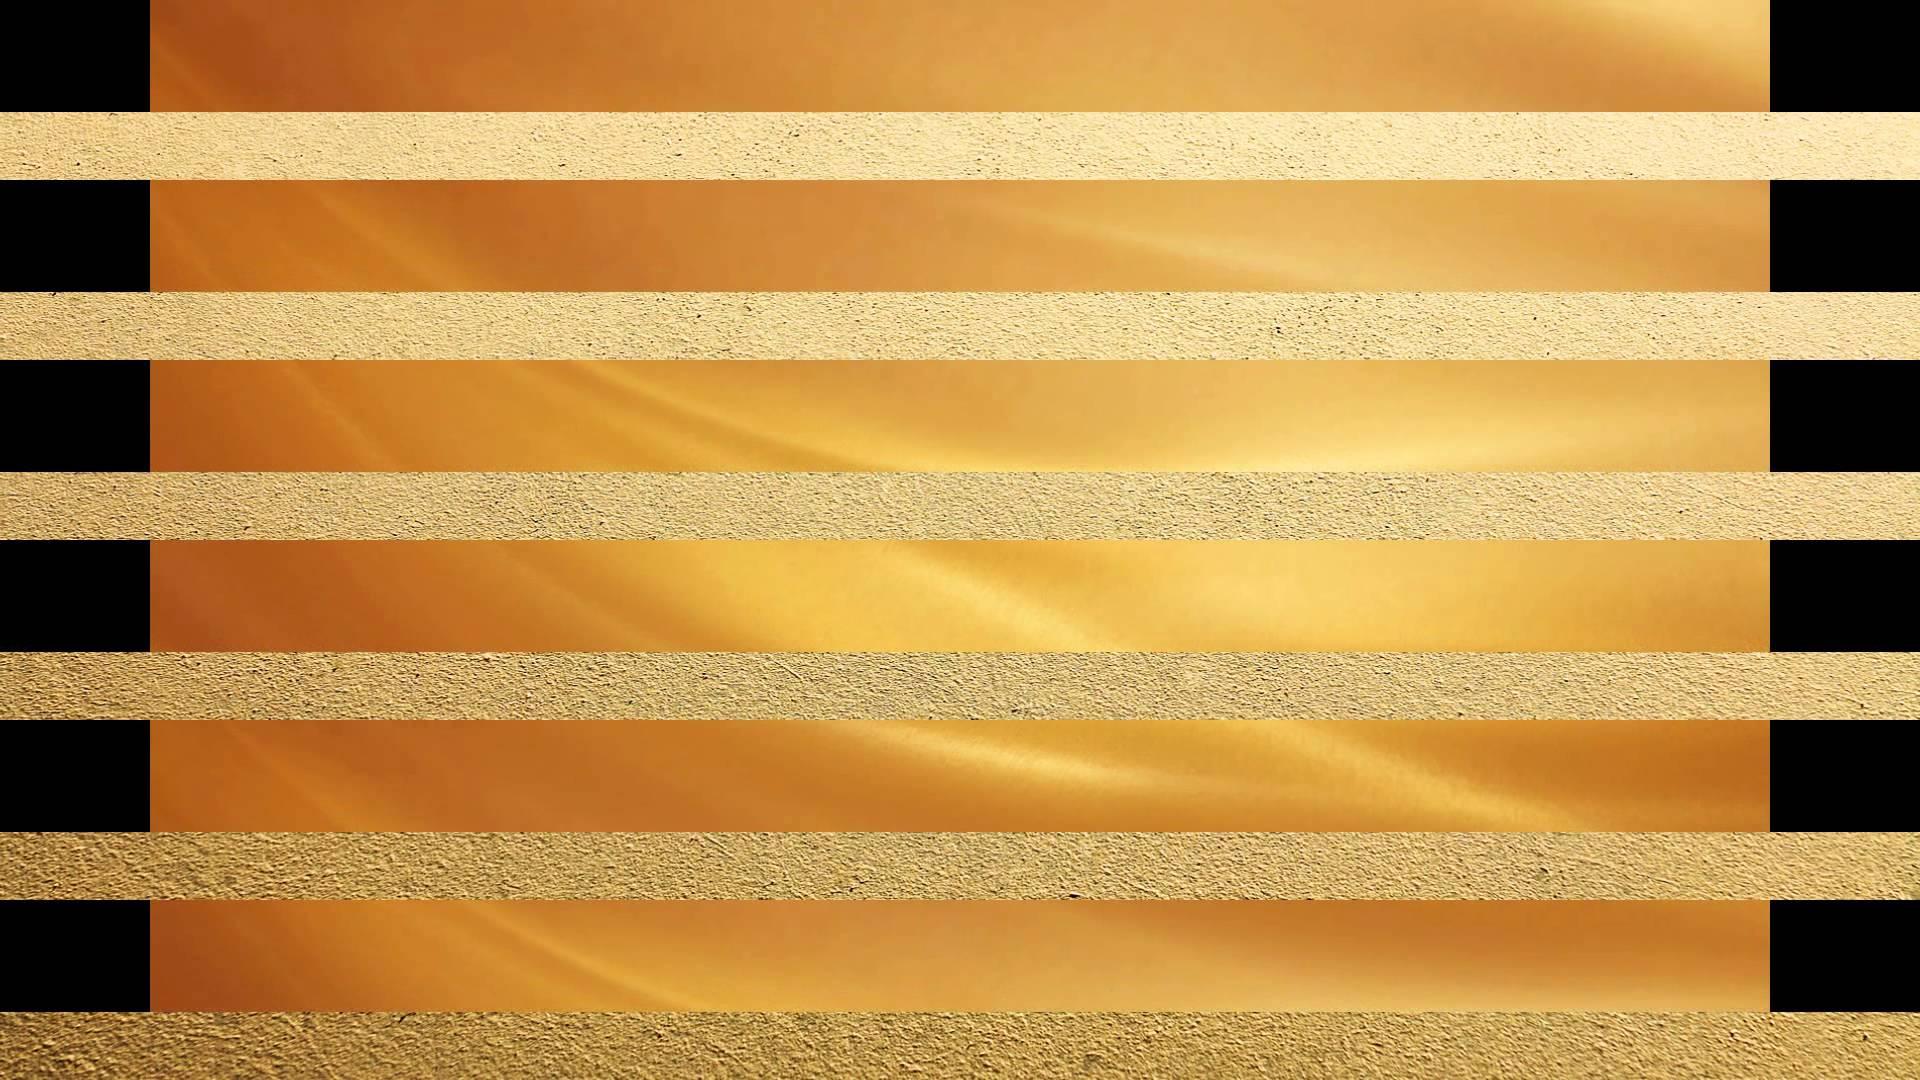 بالصور خلفيات ذهبية , اجمل خلفيات باللون الذهبى 1519 3